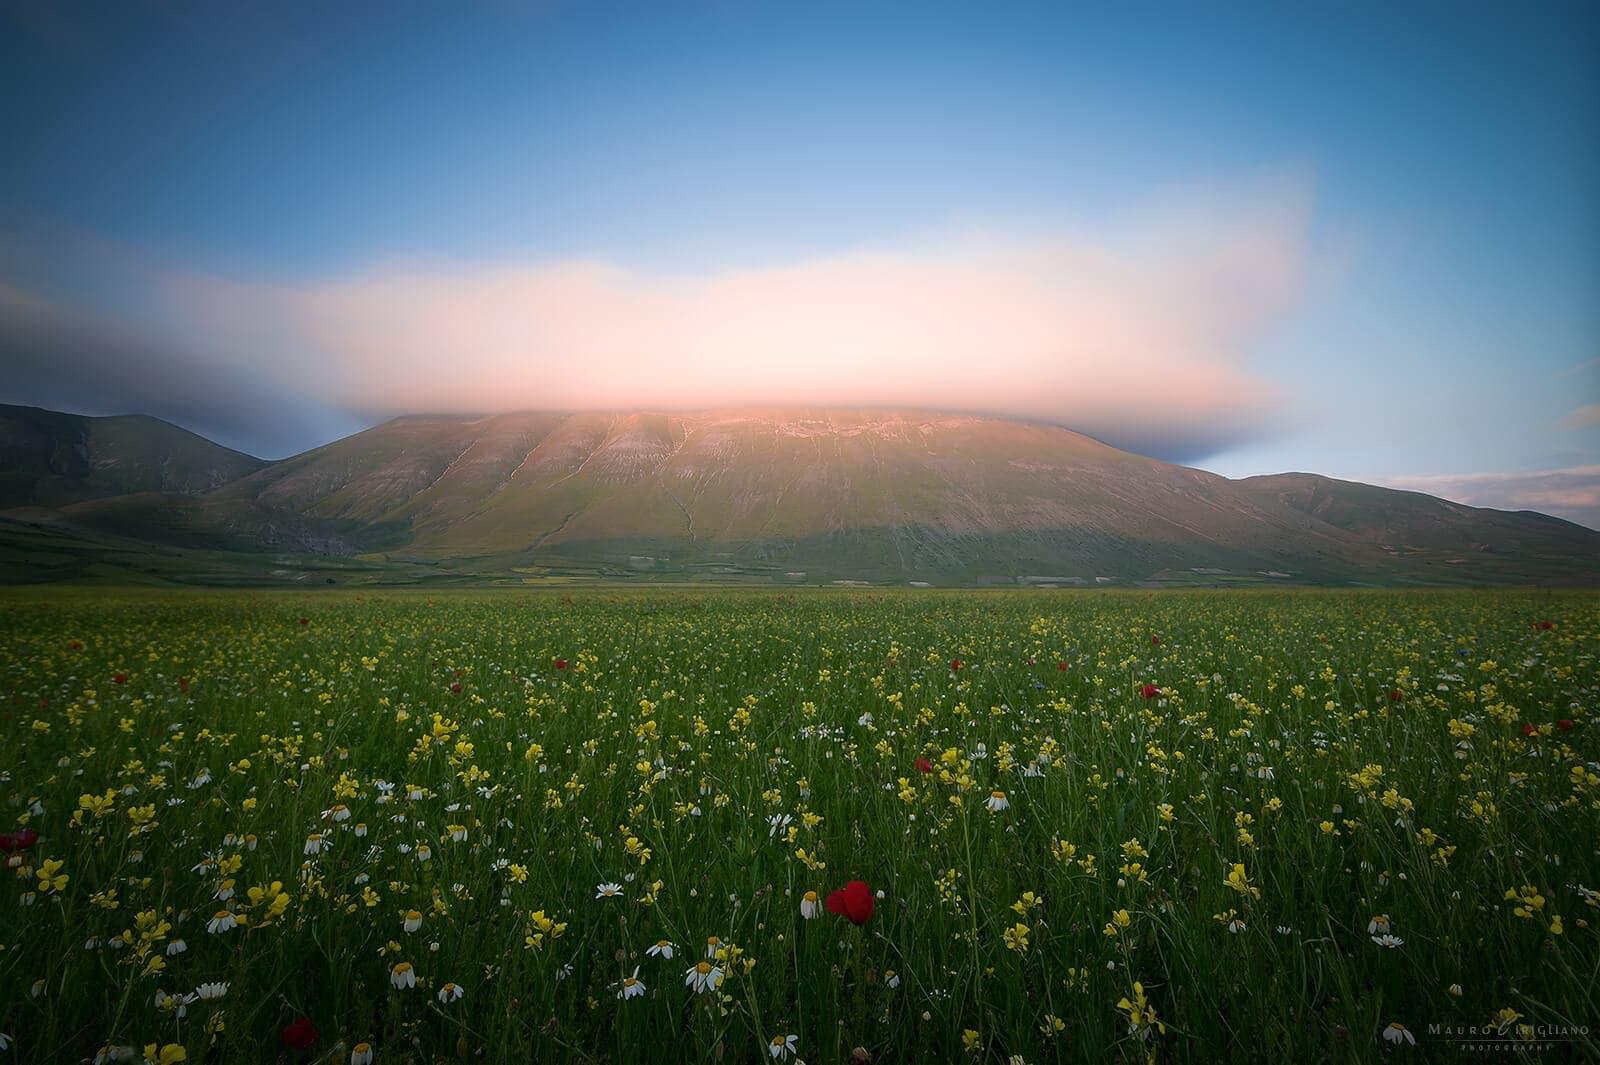 campo fiorito con monte velato da nuvole